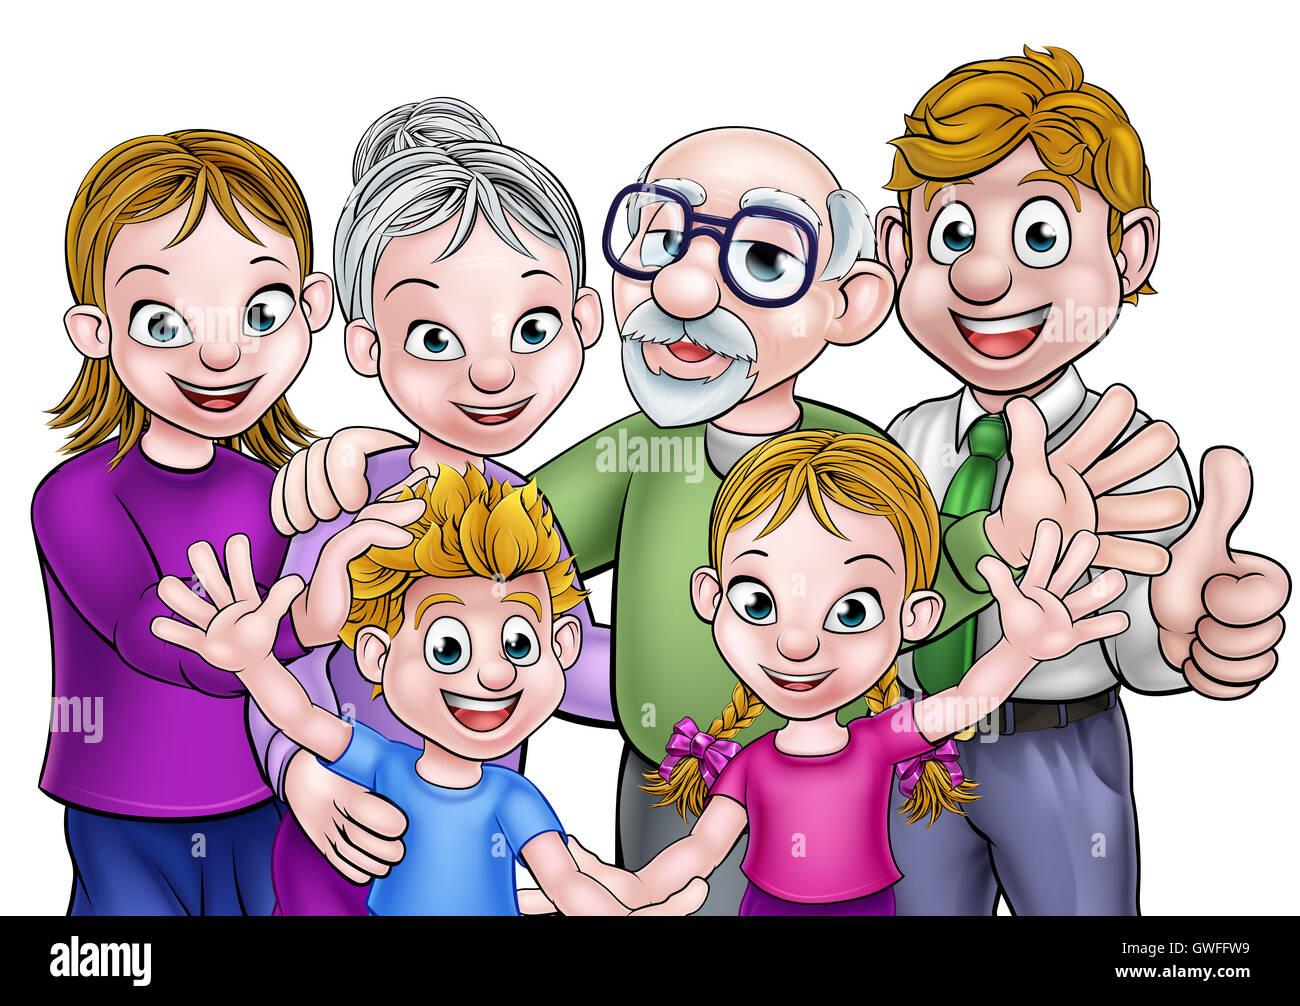 La famille de dessins anim s avec les parents enfants et grands parents banque d 39 images photo - Dessin anime avec des poneys ...